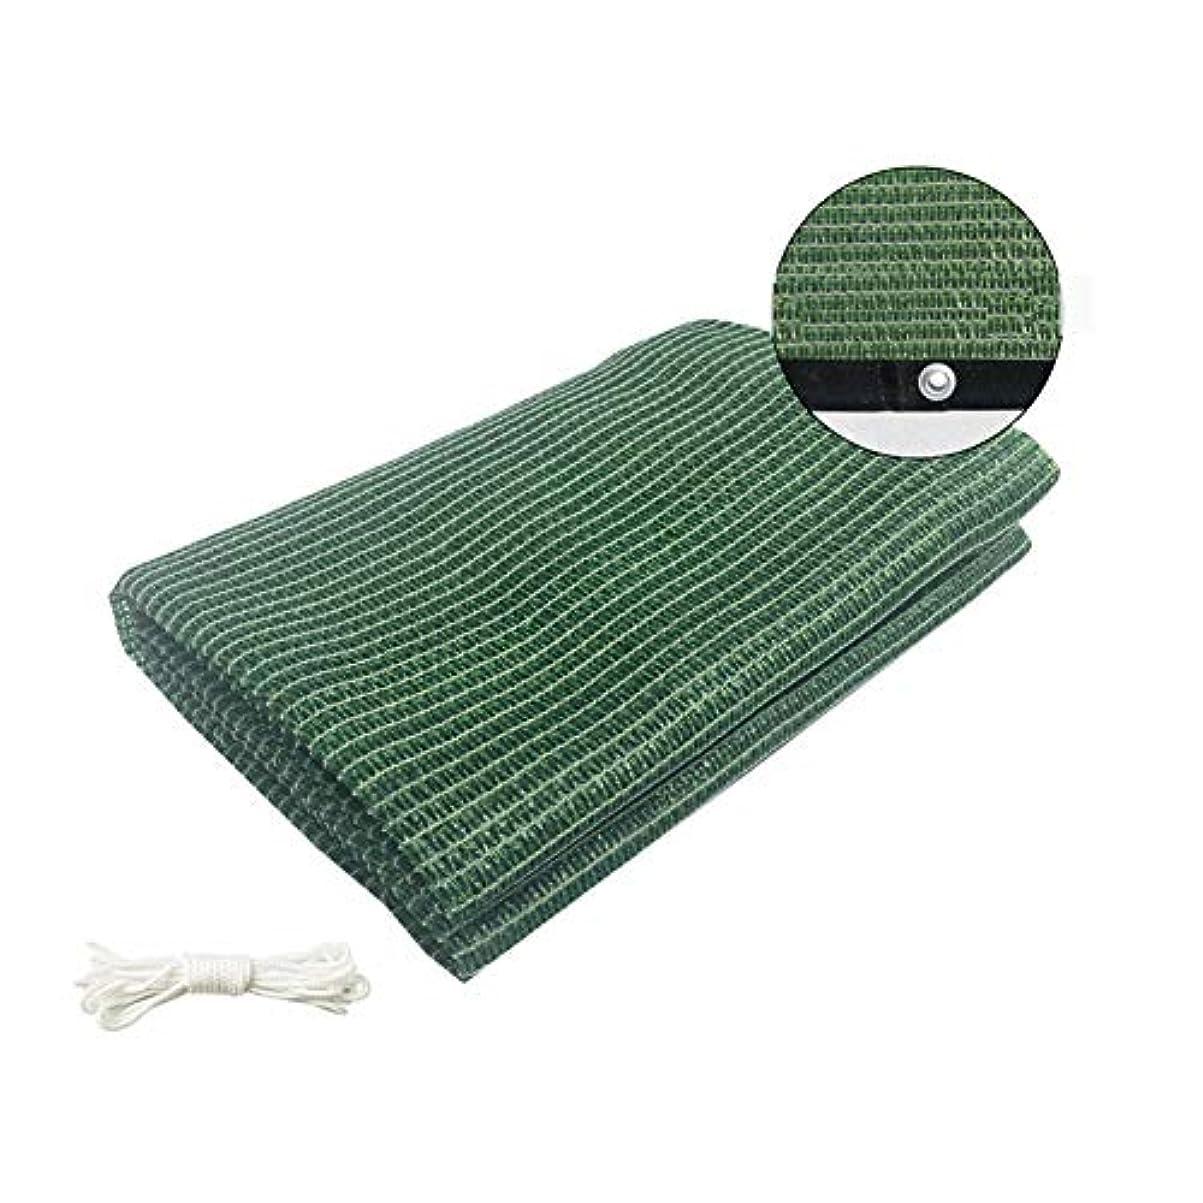 曲トレイクックZHANWEI オーニング シェード遮光ネット 夏 園芸 工場 フラワーズ 日よけ布 100g /㎡、 2色 (Color : Green, Size : 2X1.8M)